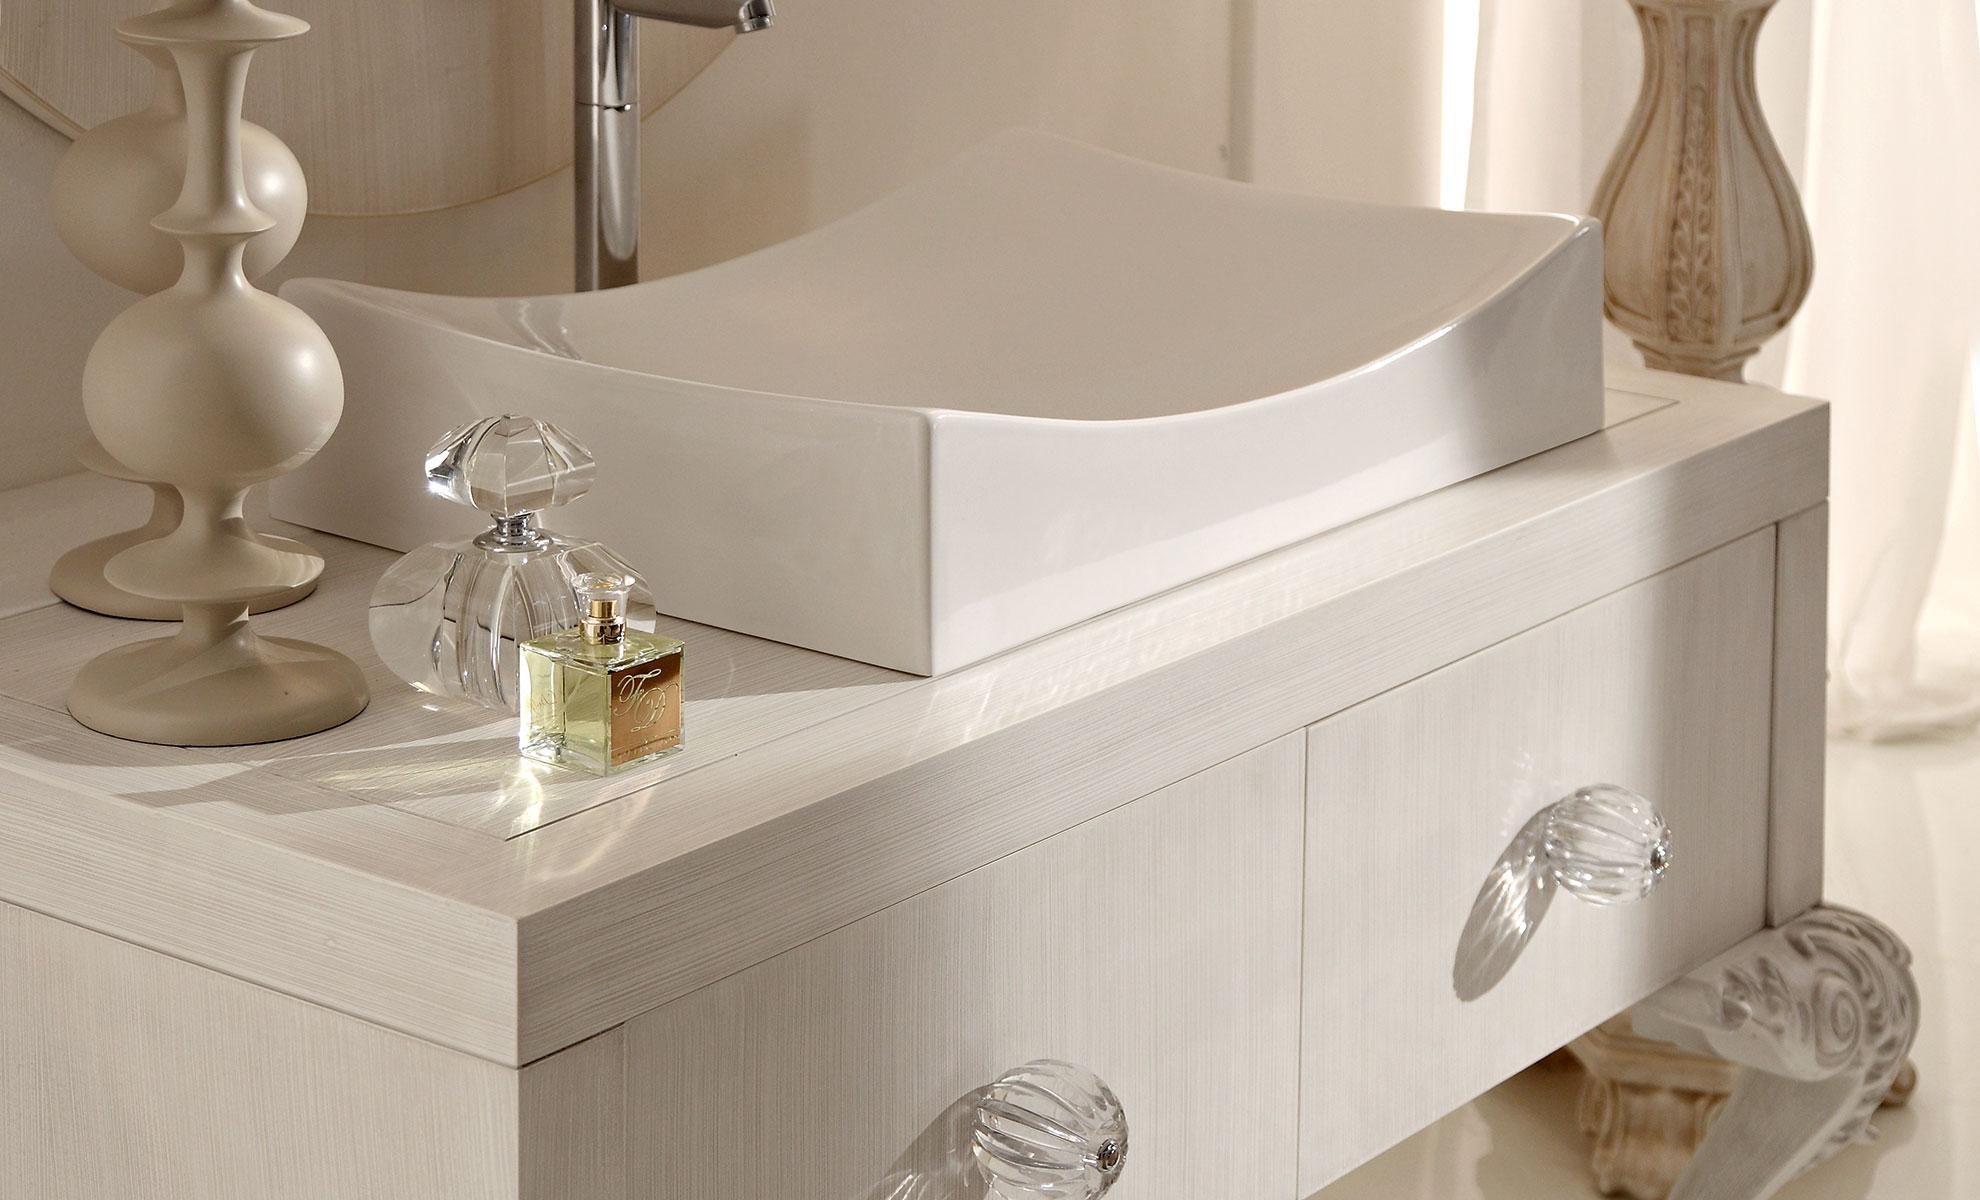 Bagni classici di lusso foto arredamenti bagni classici for Arredamenti classici eleganti